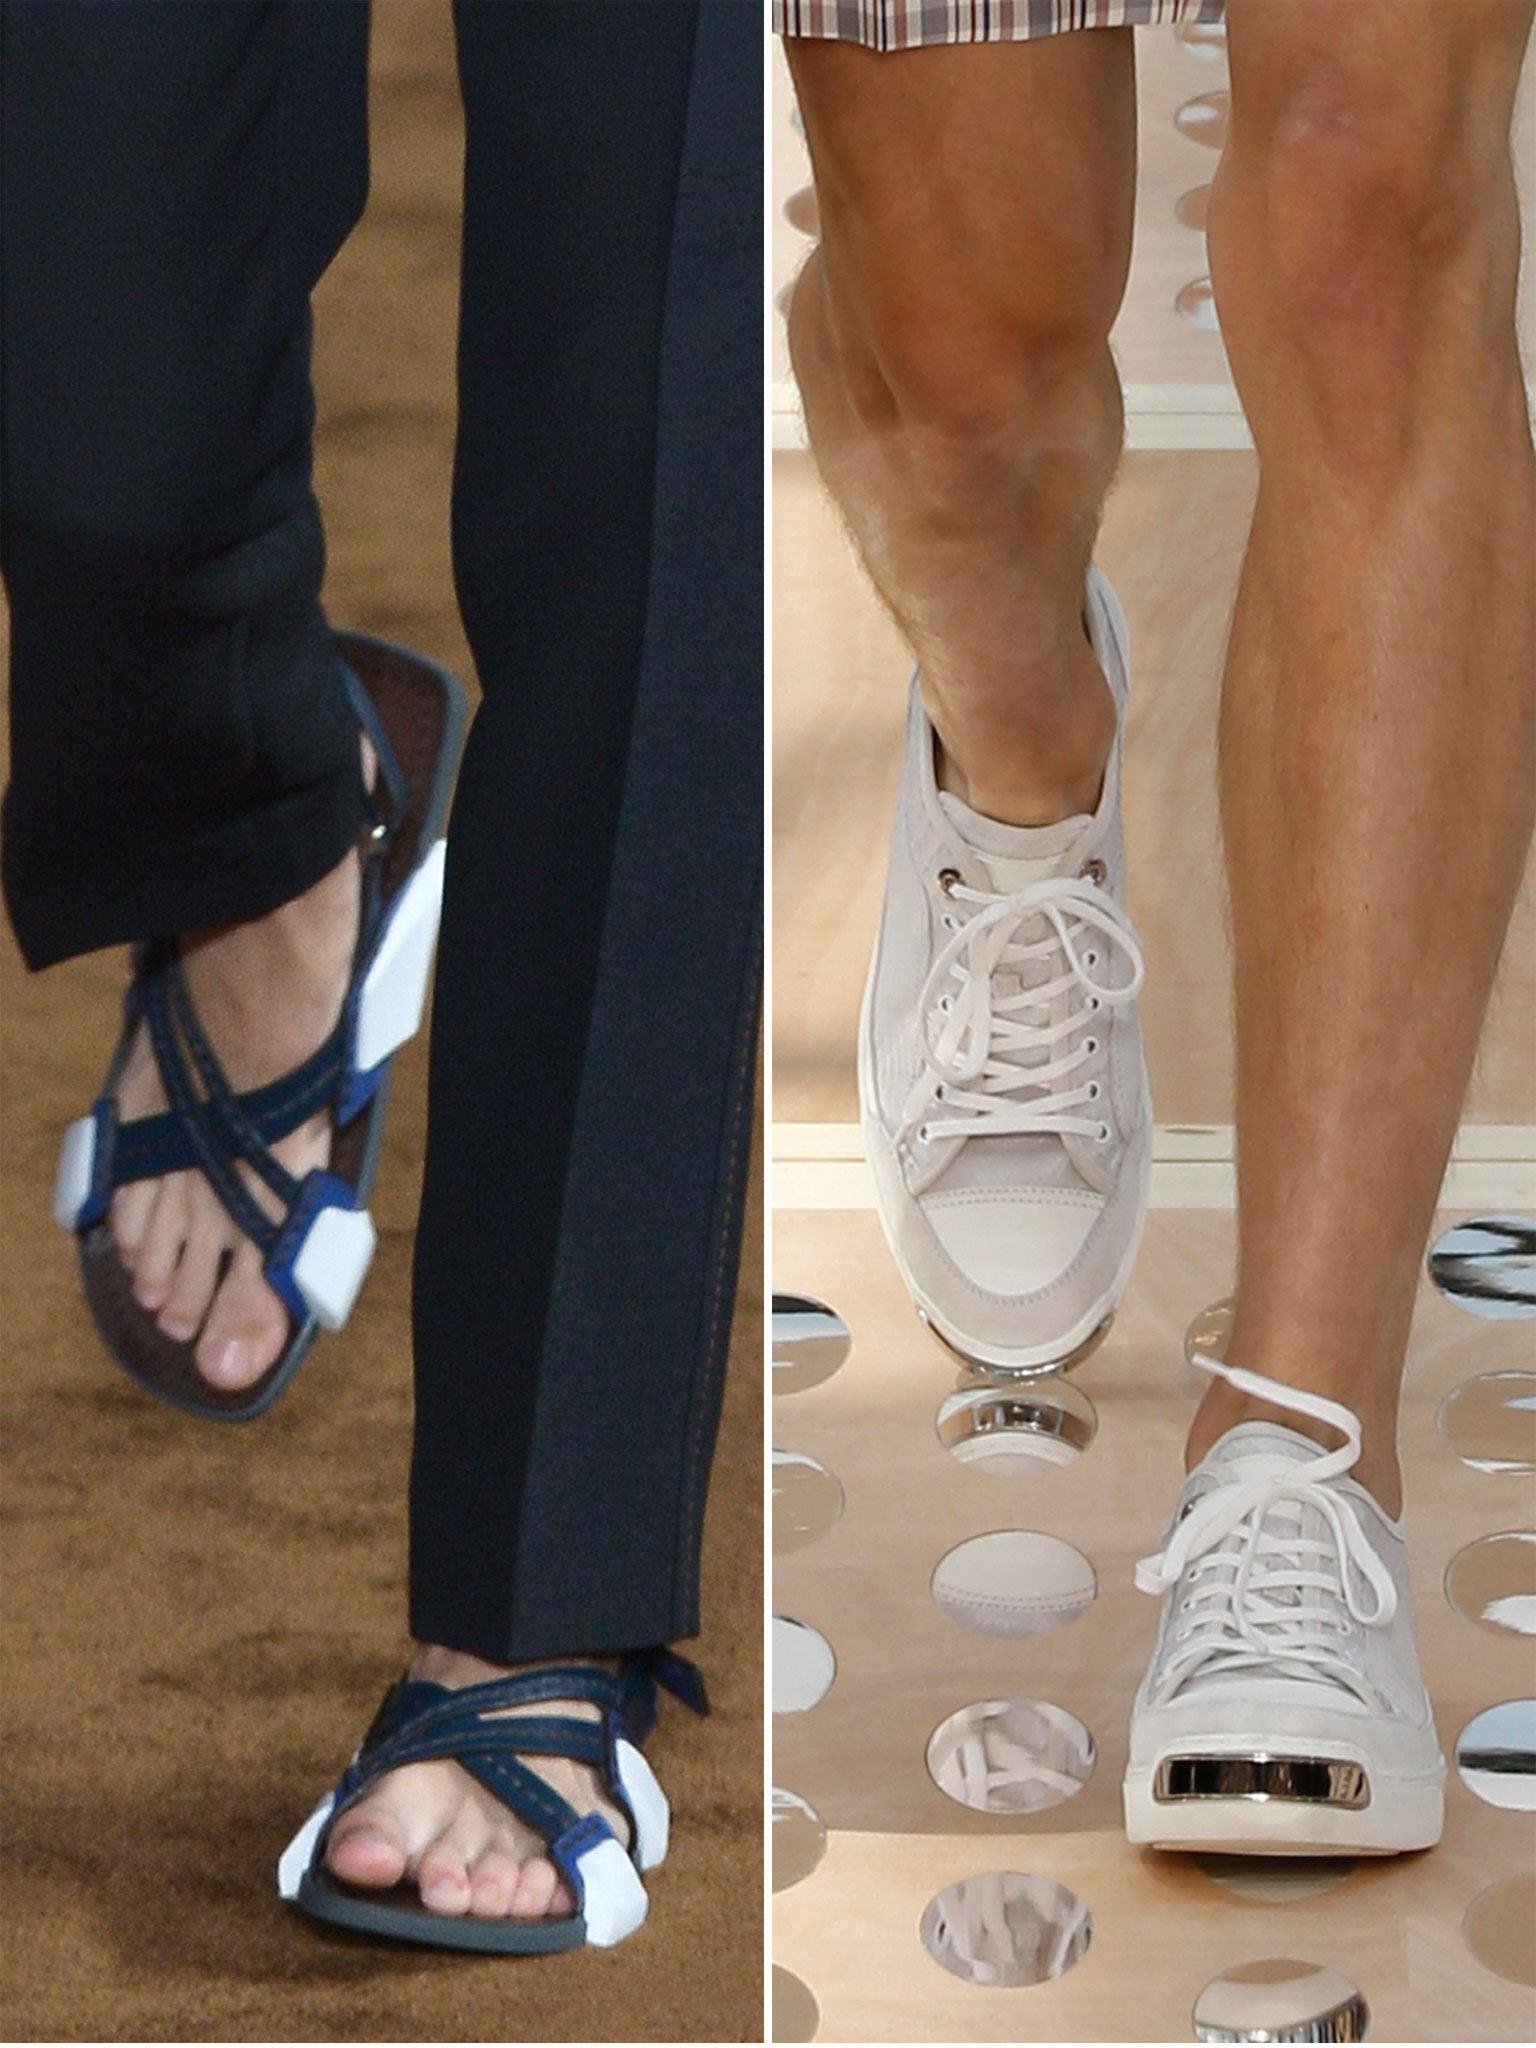 Sandals vs shoes - Sandals Vs Shoes 8